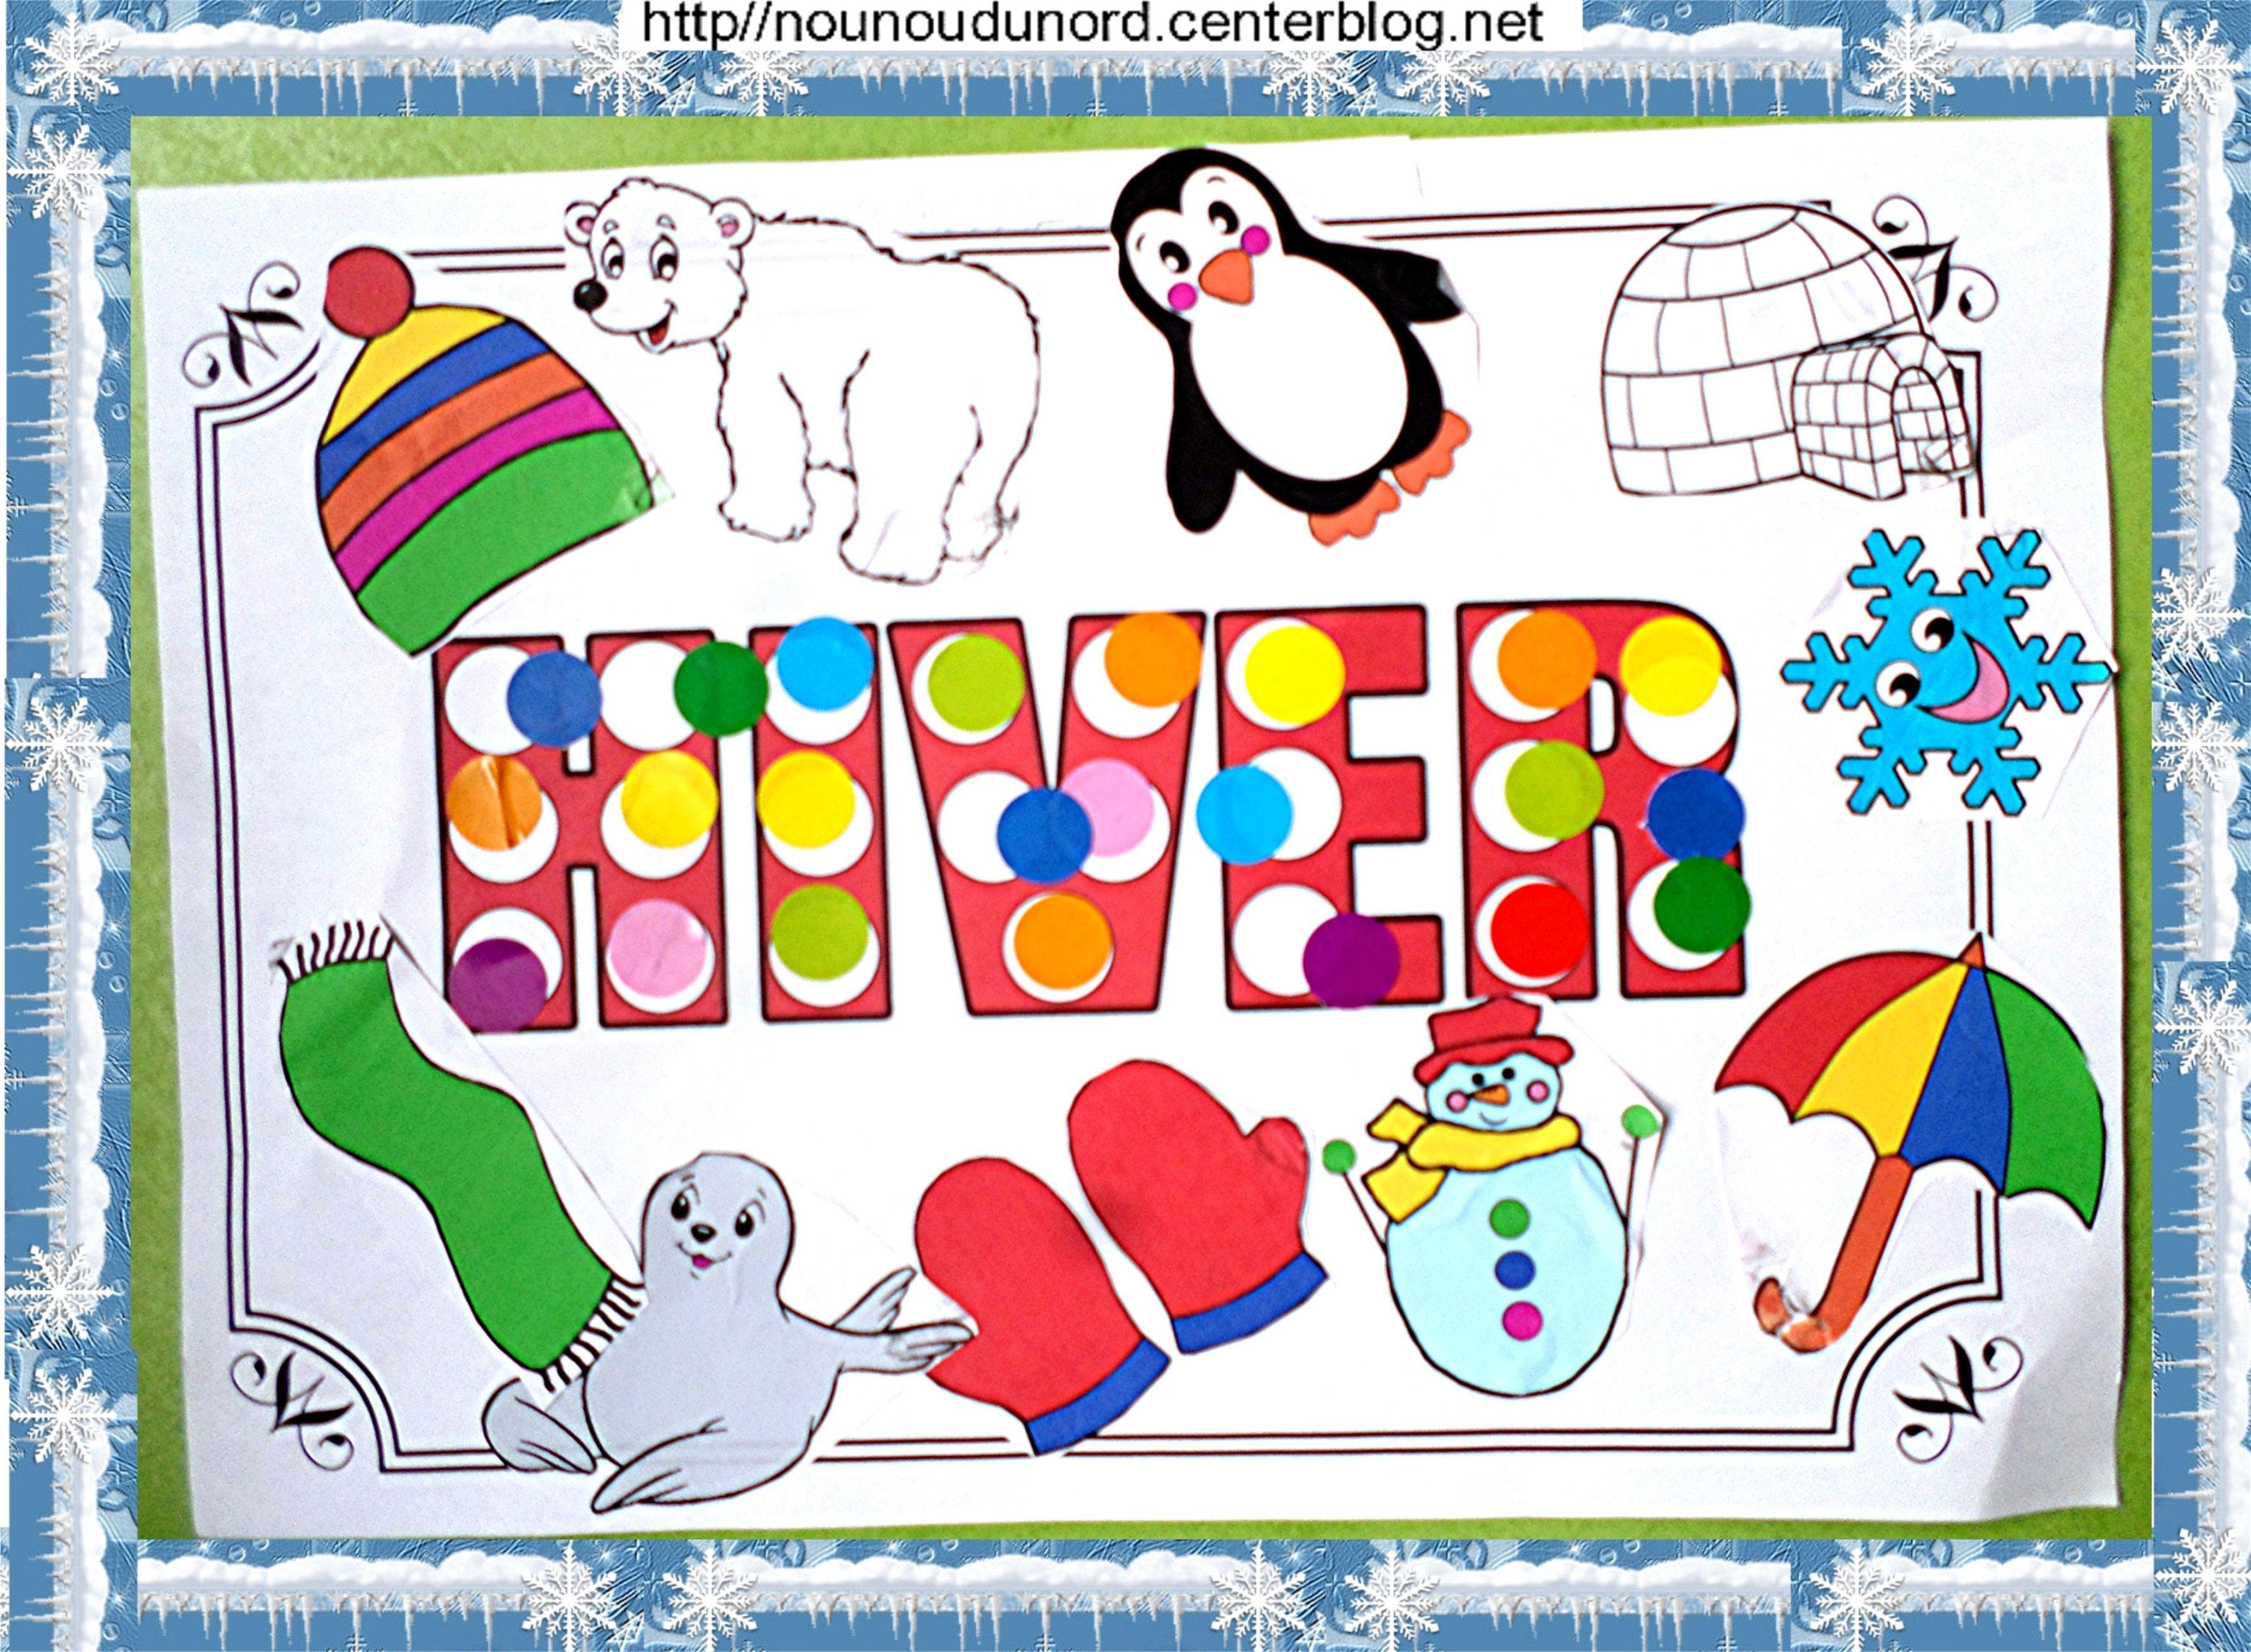 Activit collage sur le th me de l 39 hiver - Activite hiver maternelle ...